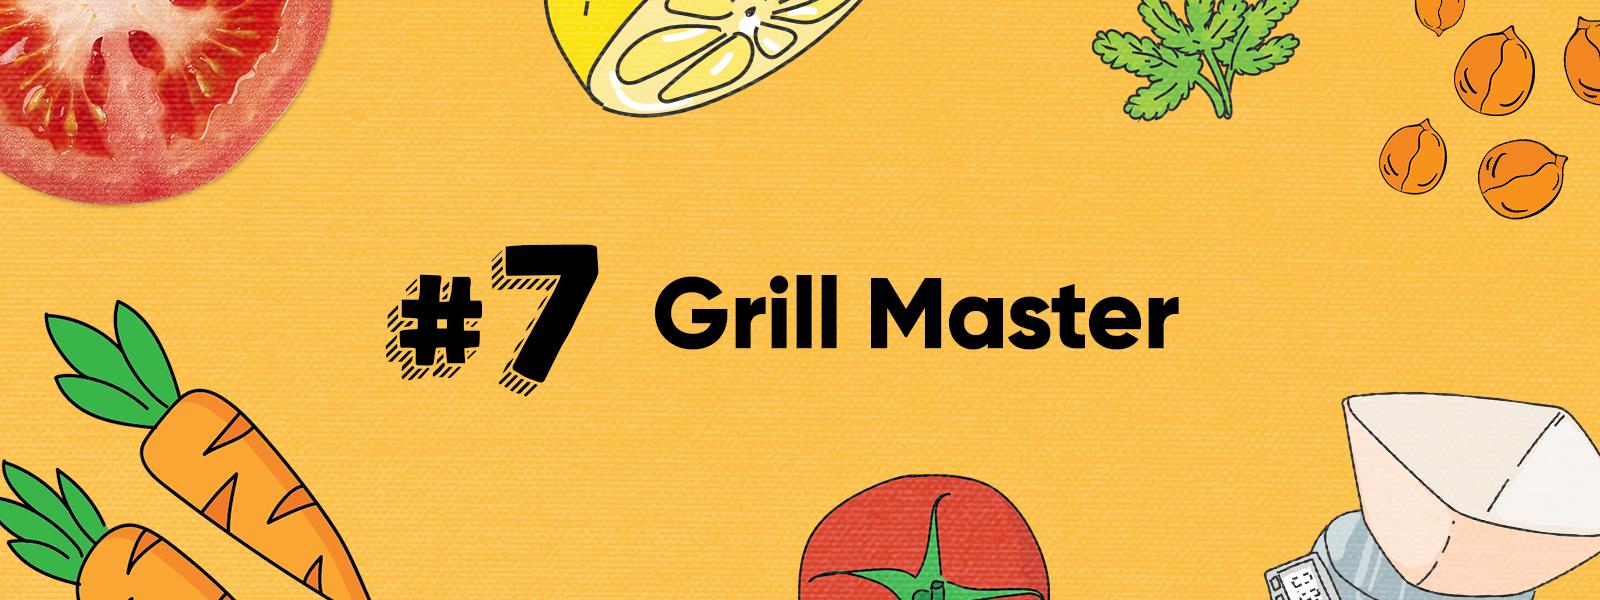 Skill 7: Grill Master